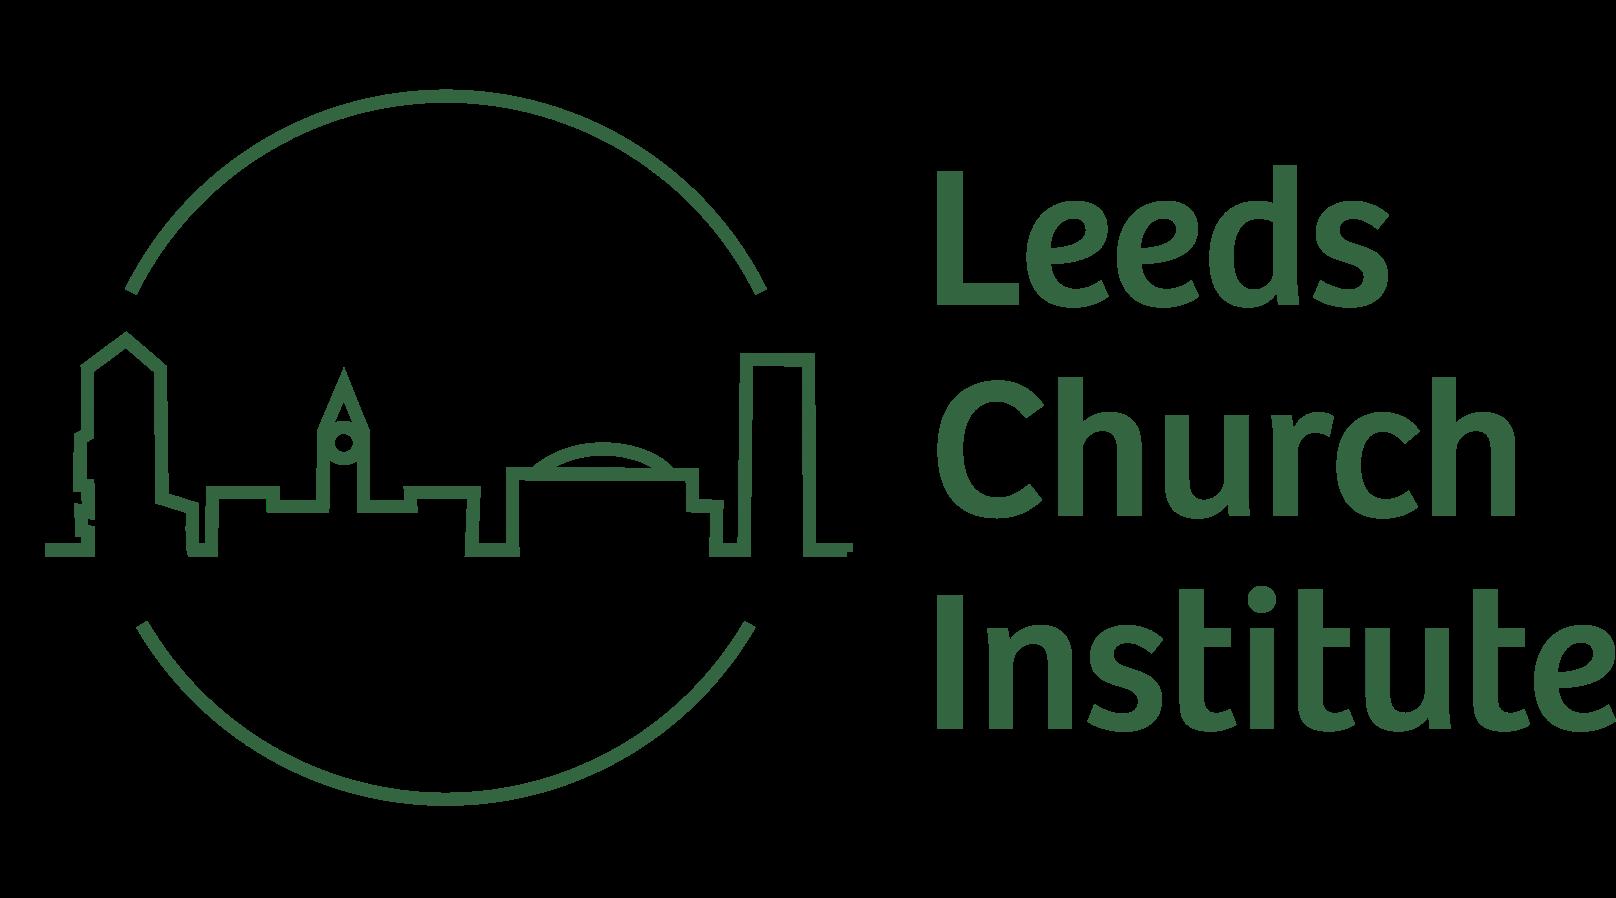 Leeds Church Institute